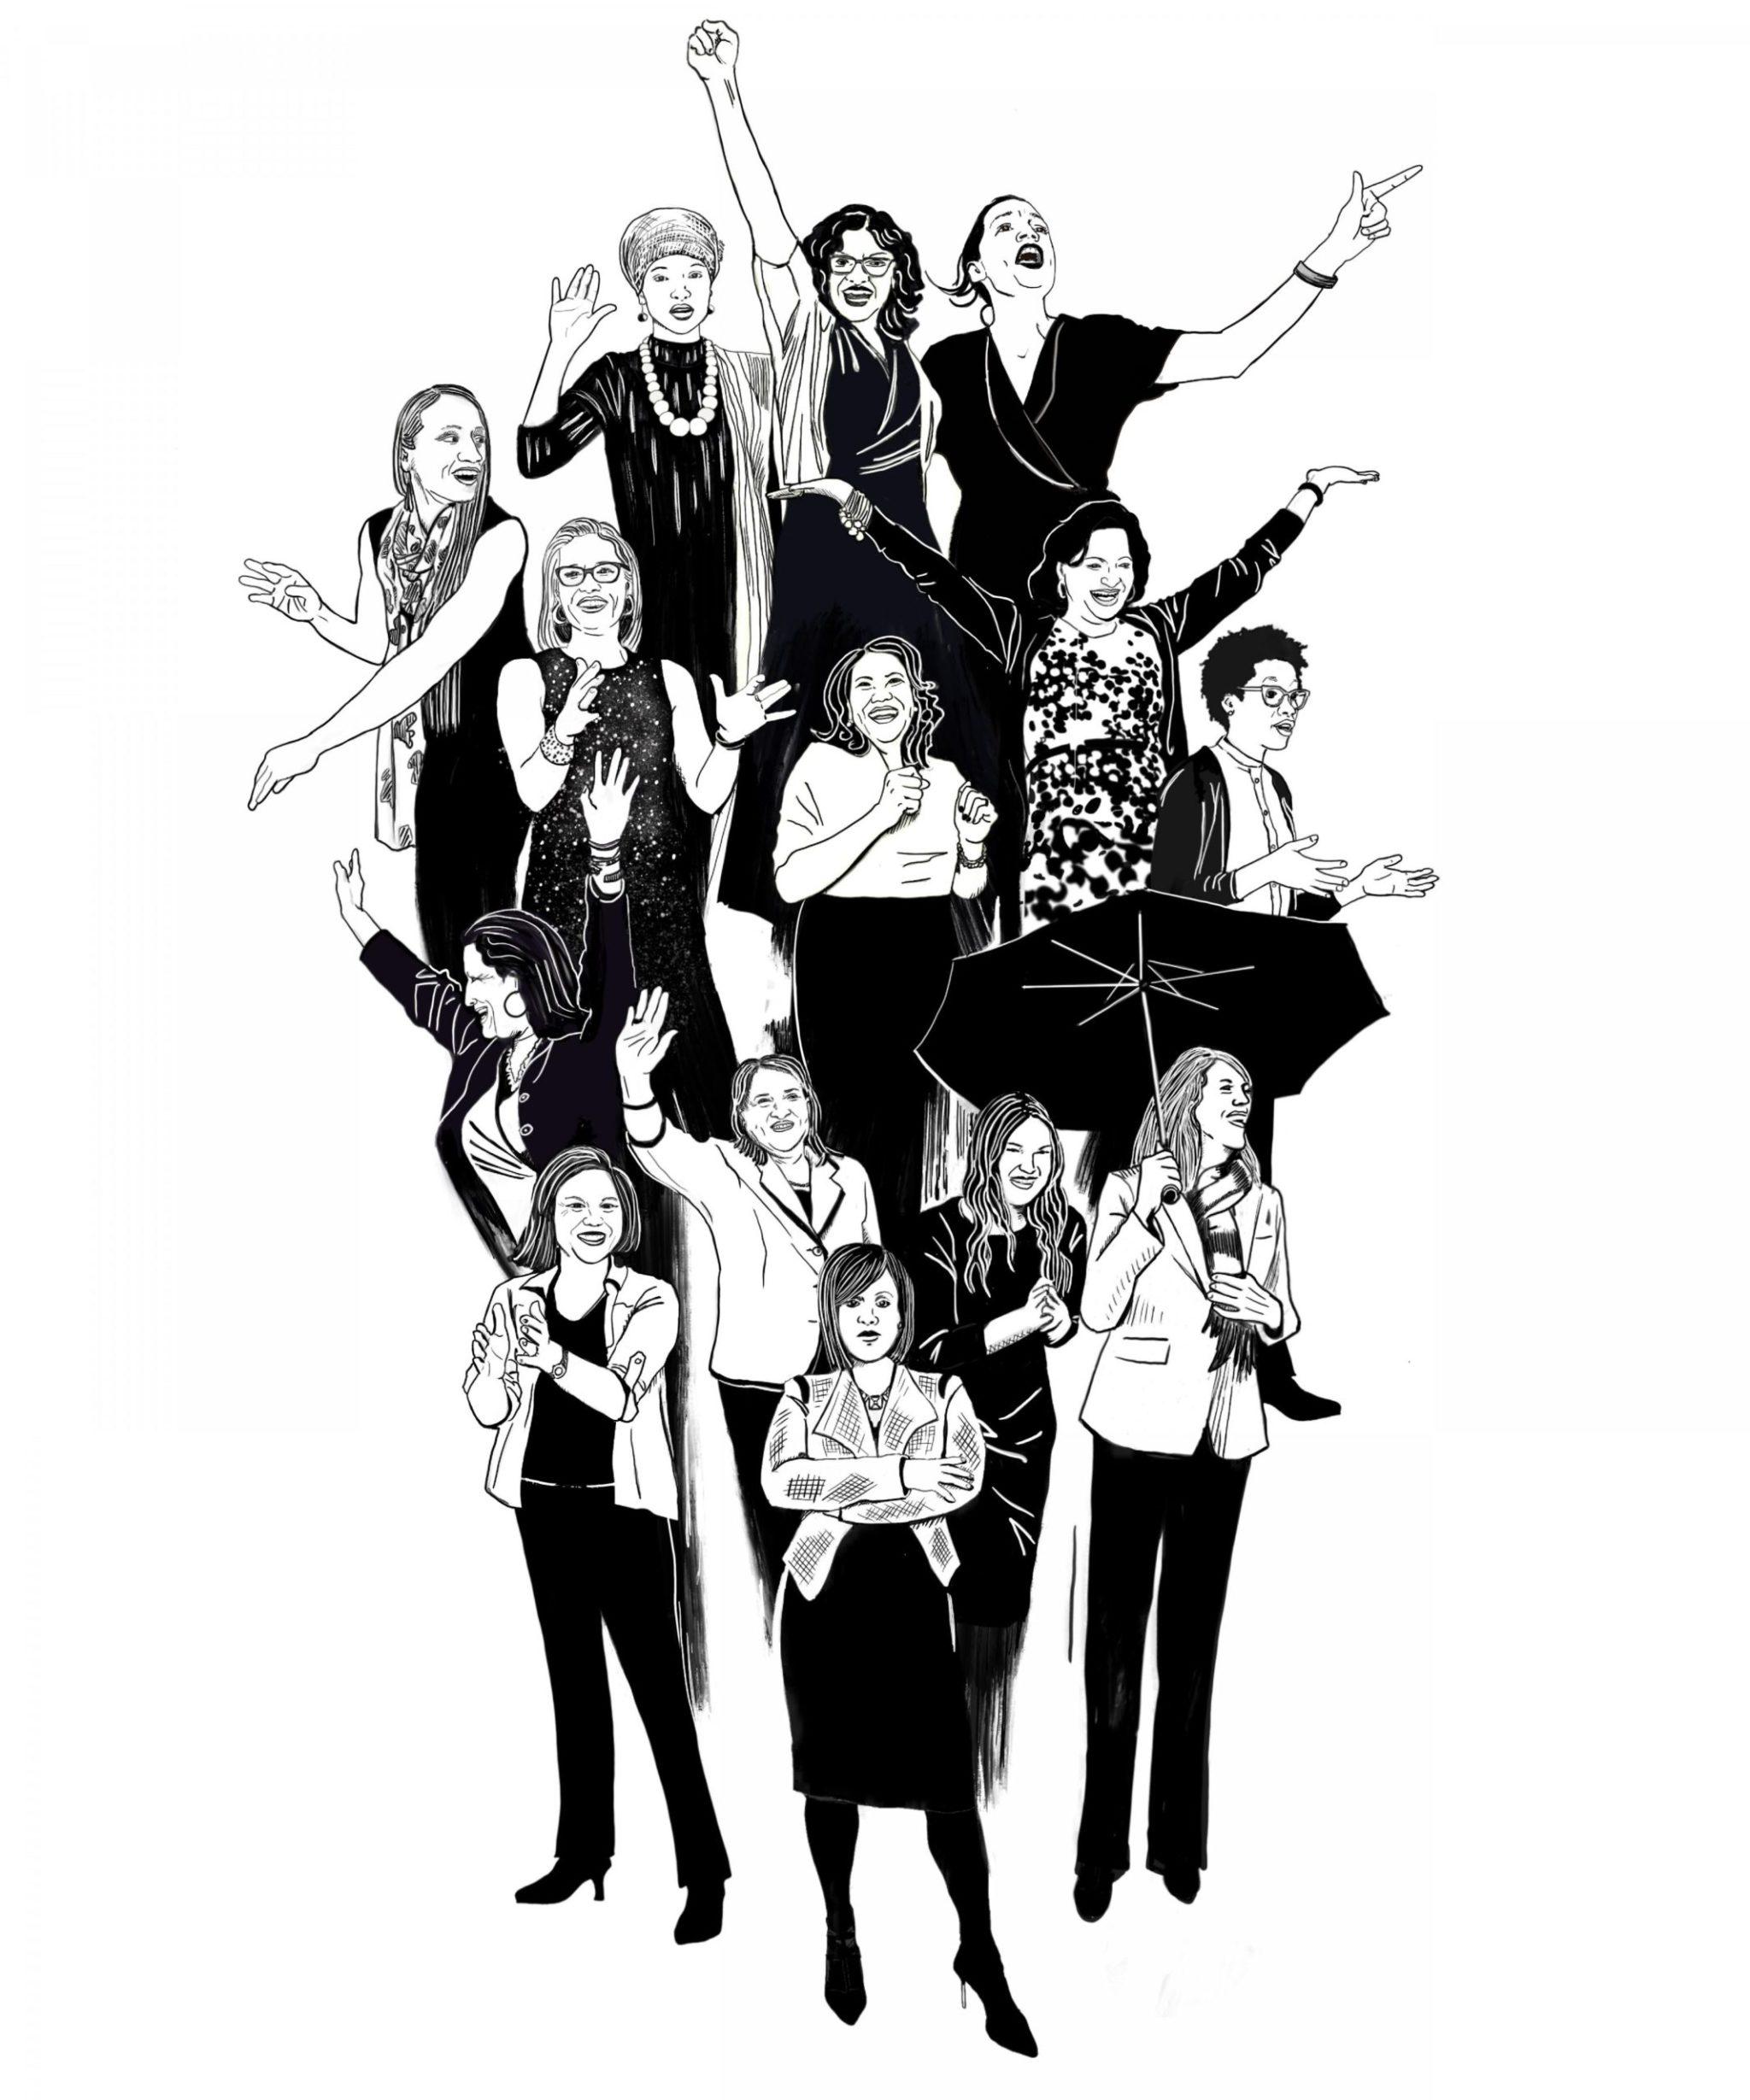 resistance by design alex posen women in congress tee scarf